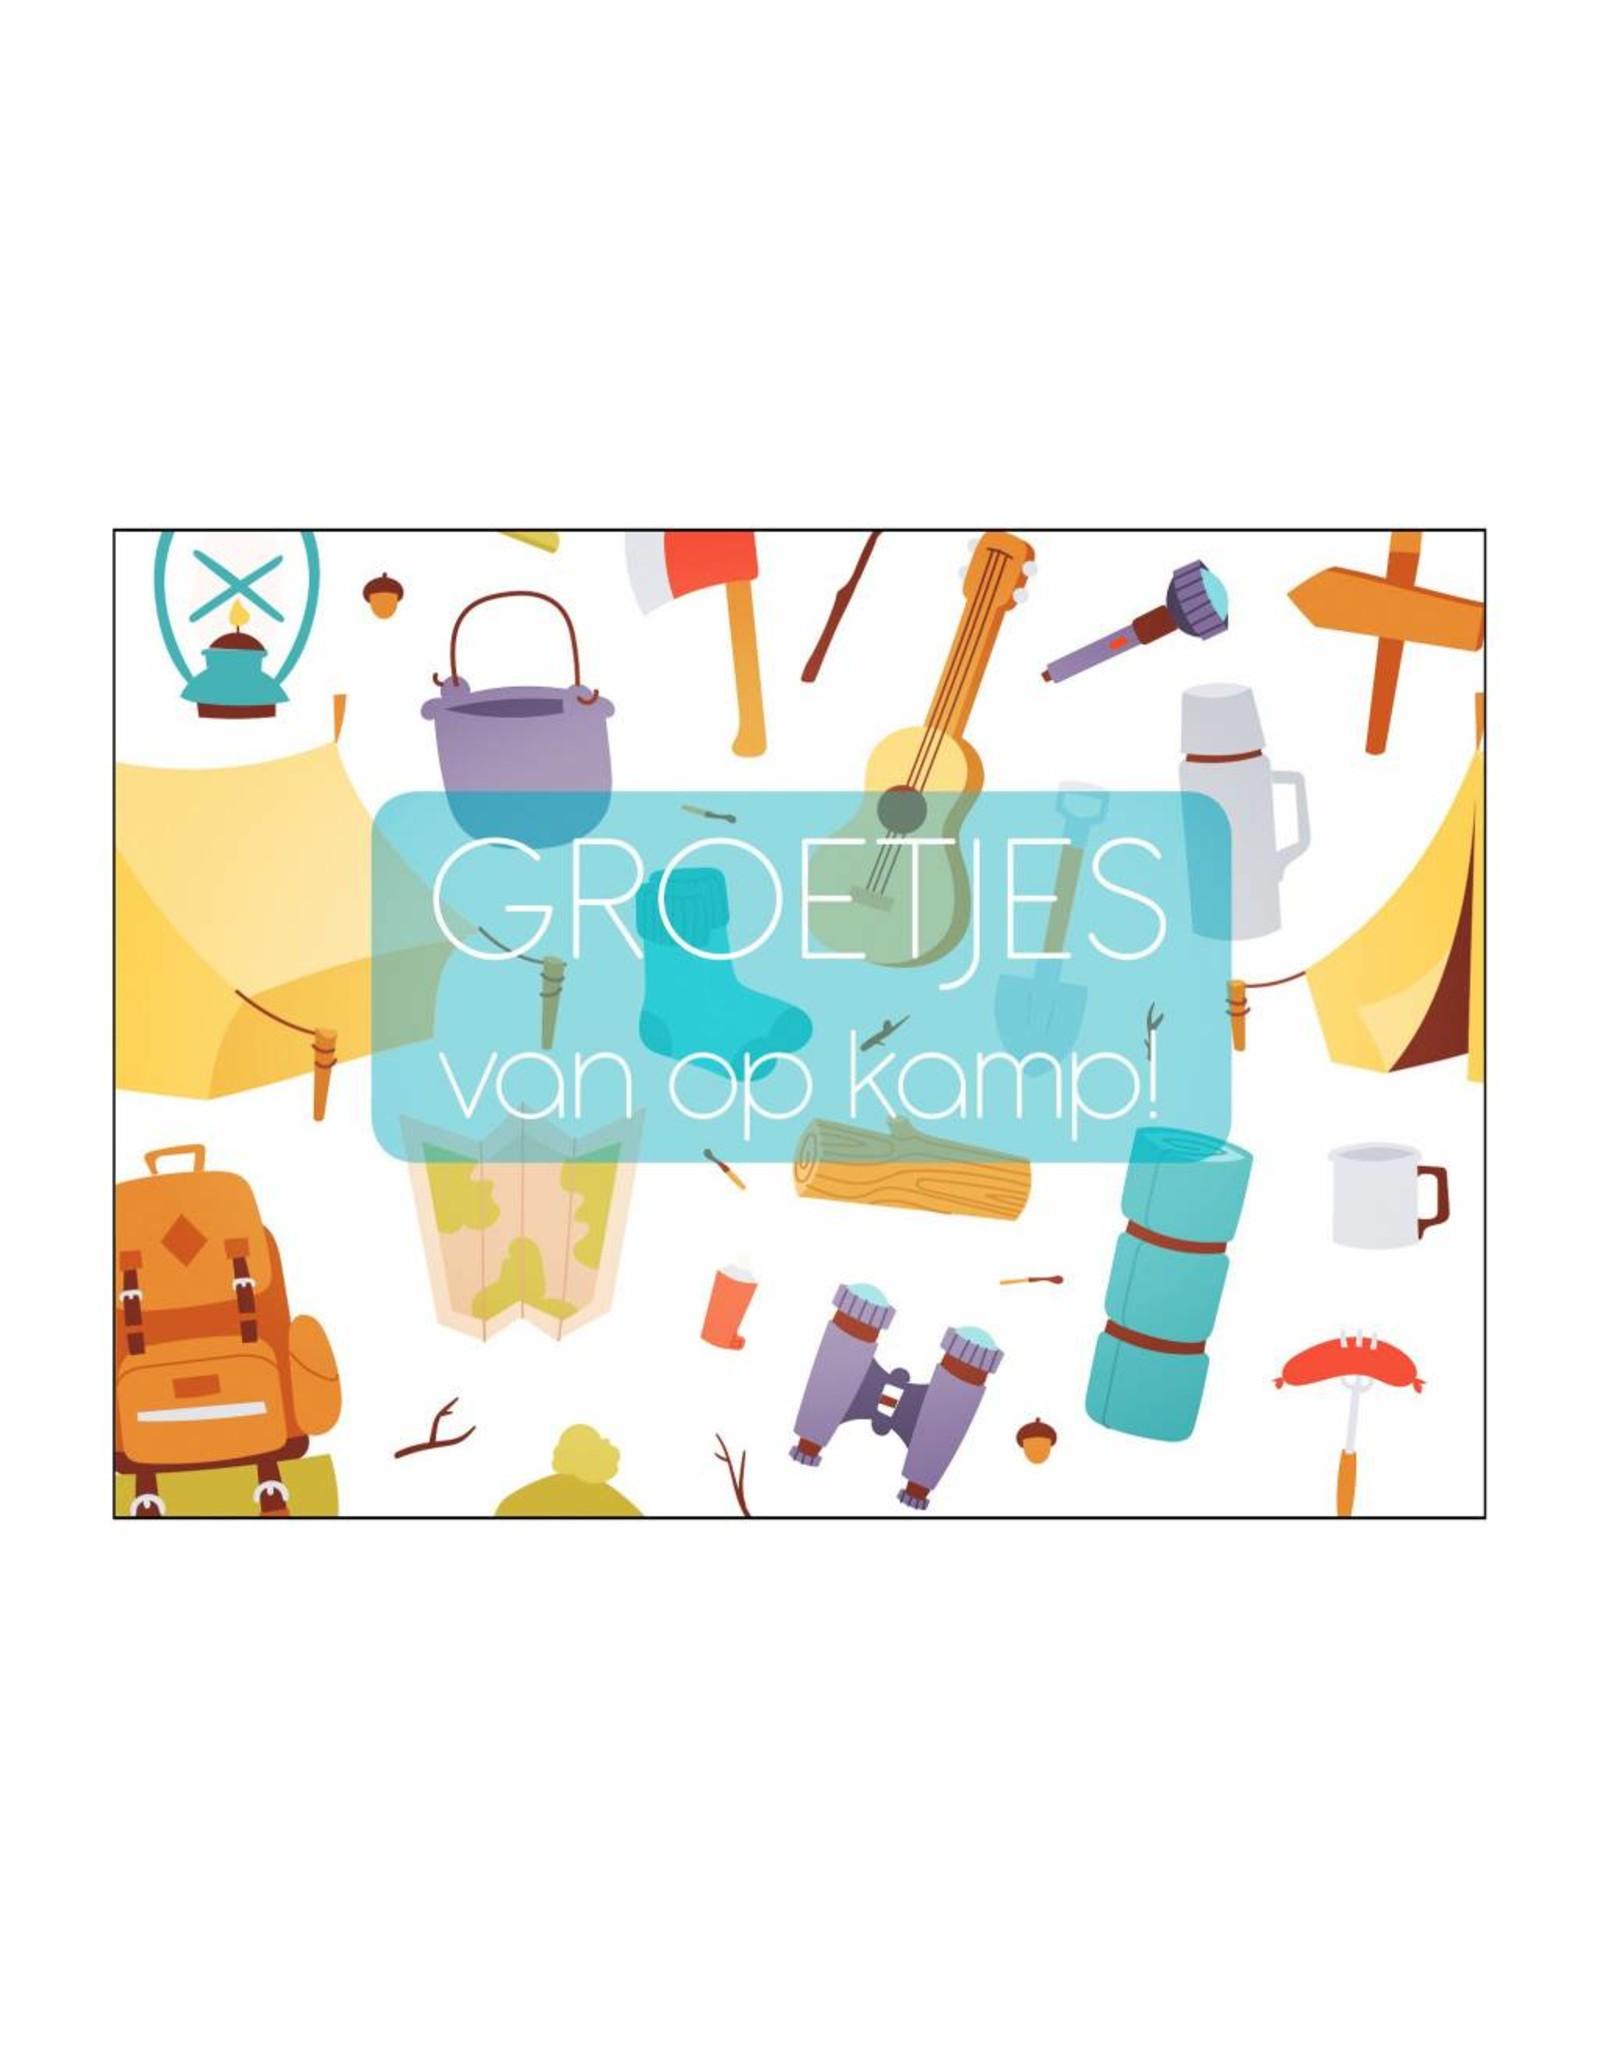 Postkaart invul Groetjes van op kamp tekening